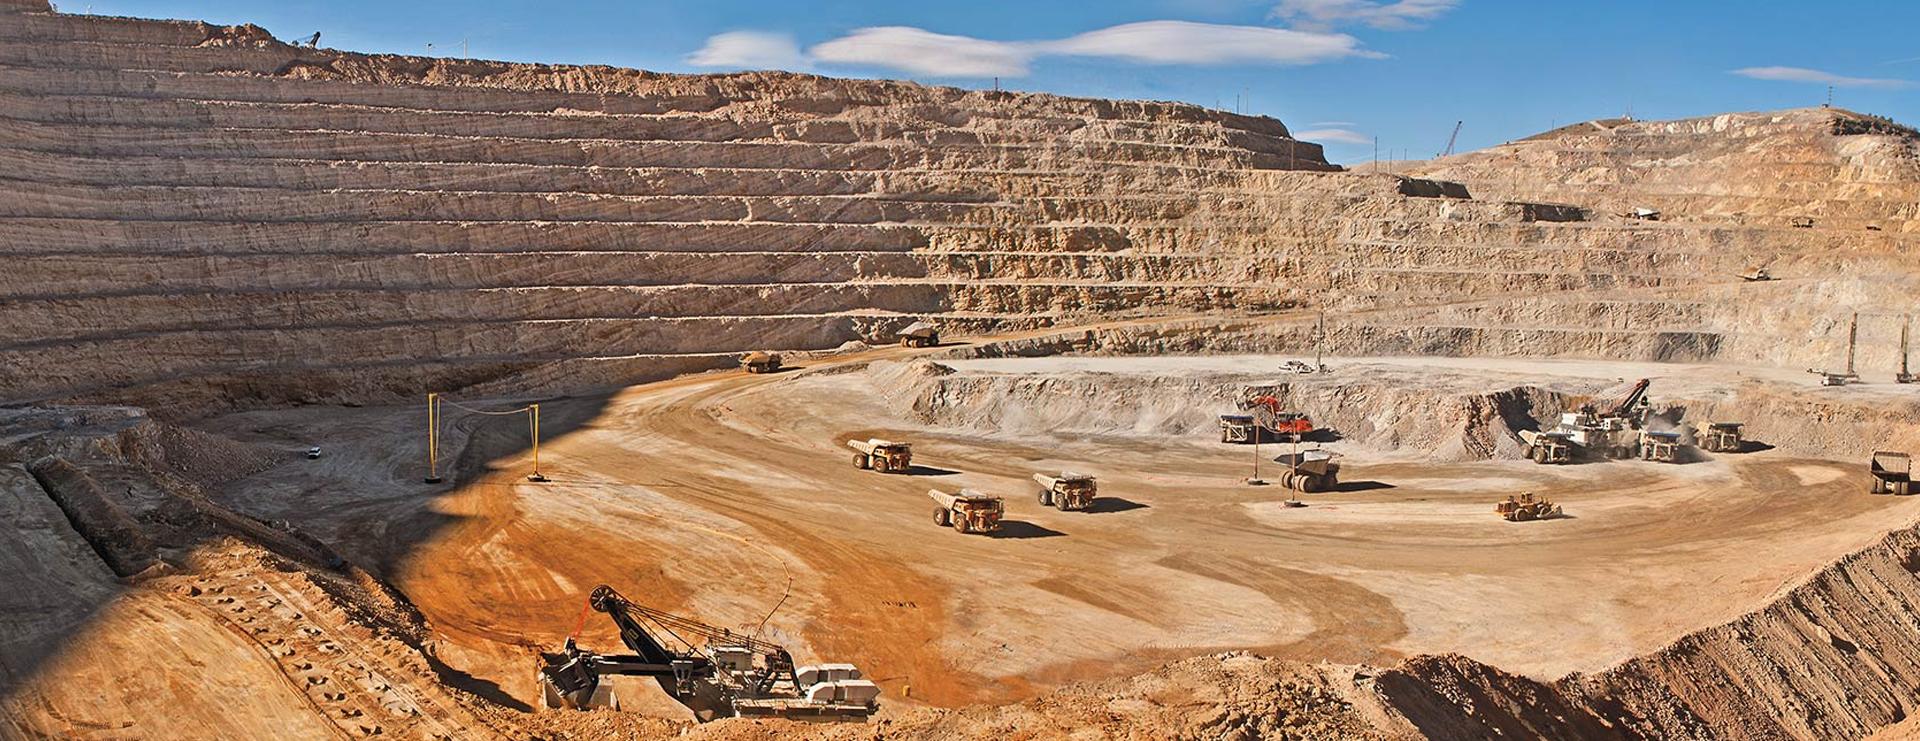 Maden Mühendisliği Bölümüne Hoş Geldiniz